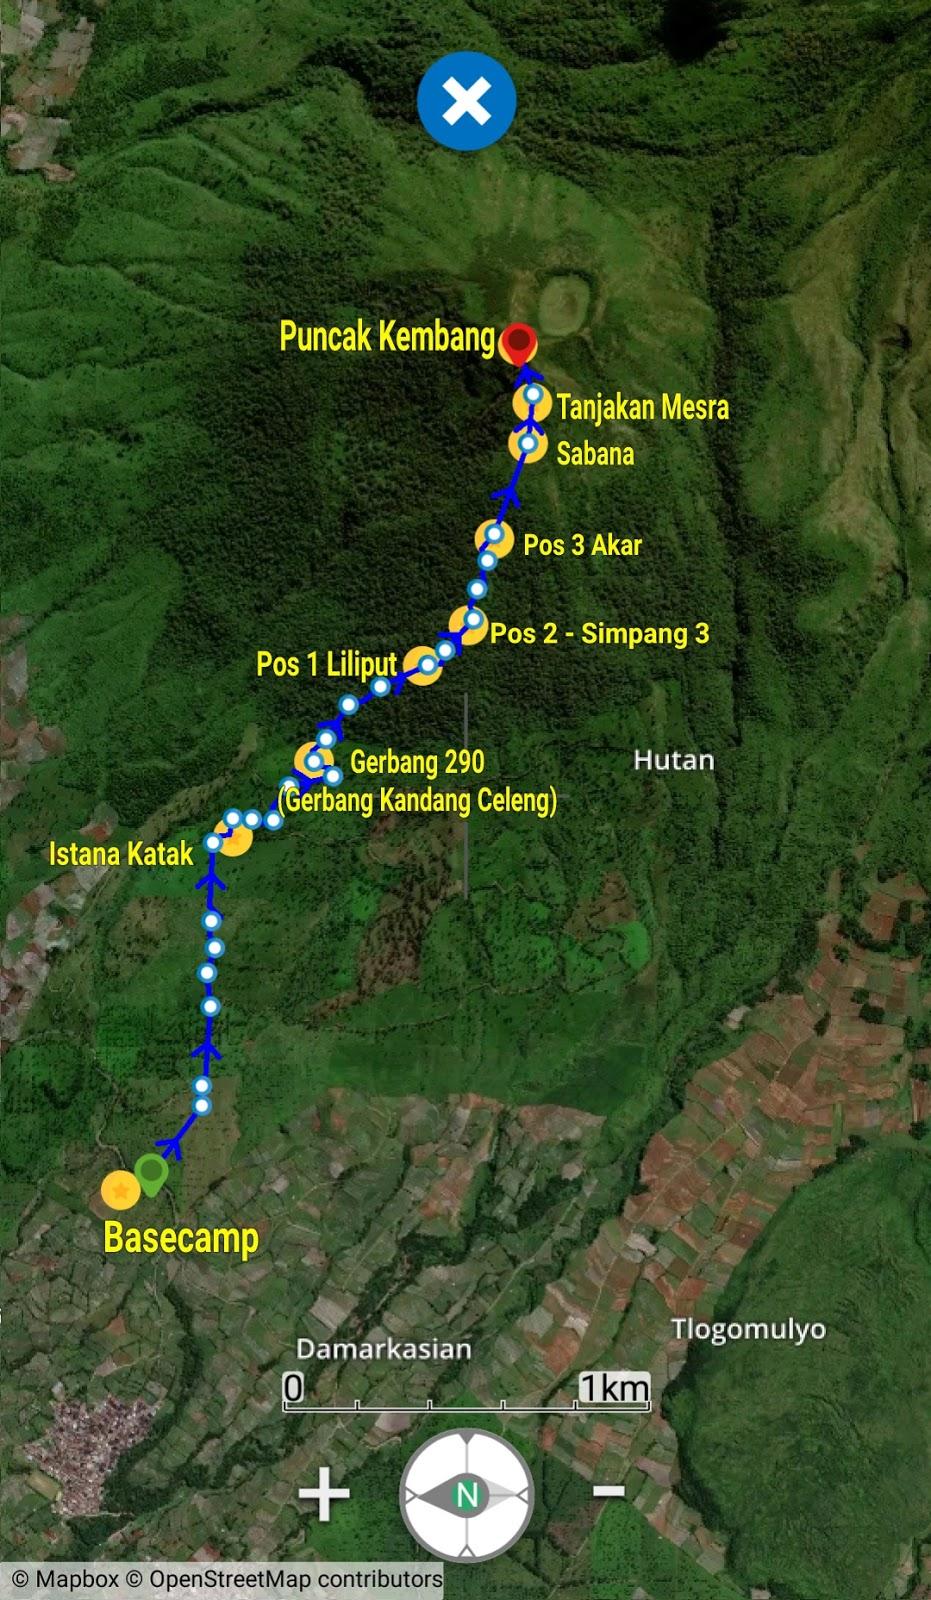 Jalur Pendakian Gunung Kembang Via Blembem Wonosobo Tenda Inspirasi